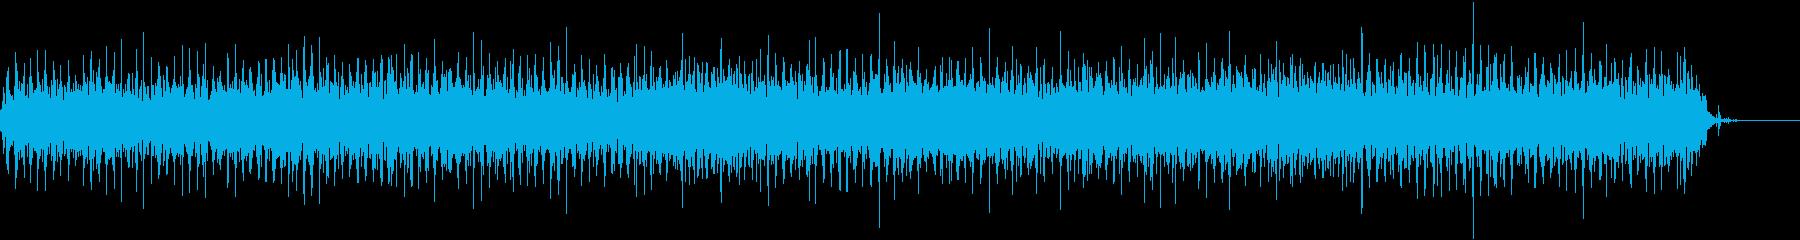 スモール・スレイ・ベルズ:継続的な...の再生済みの波形